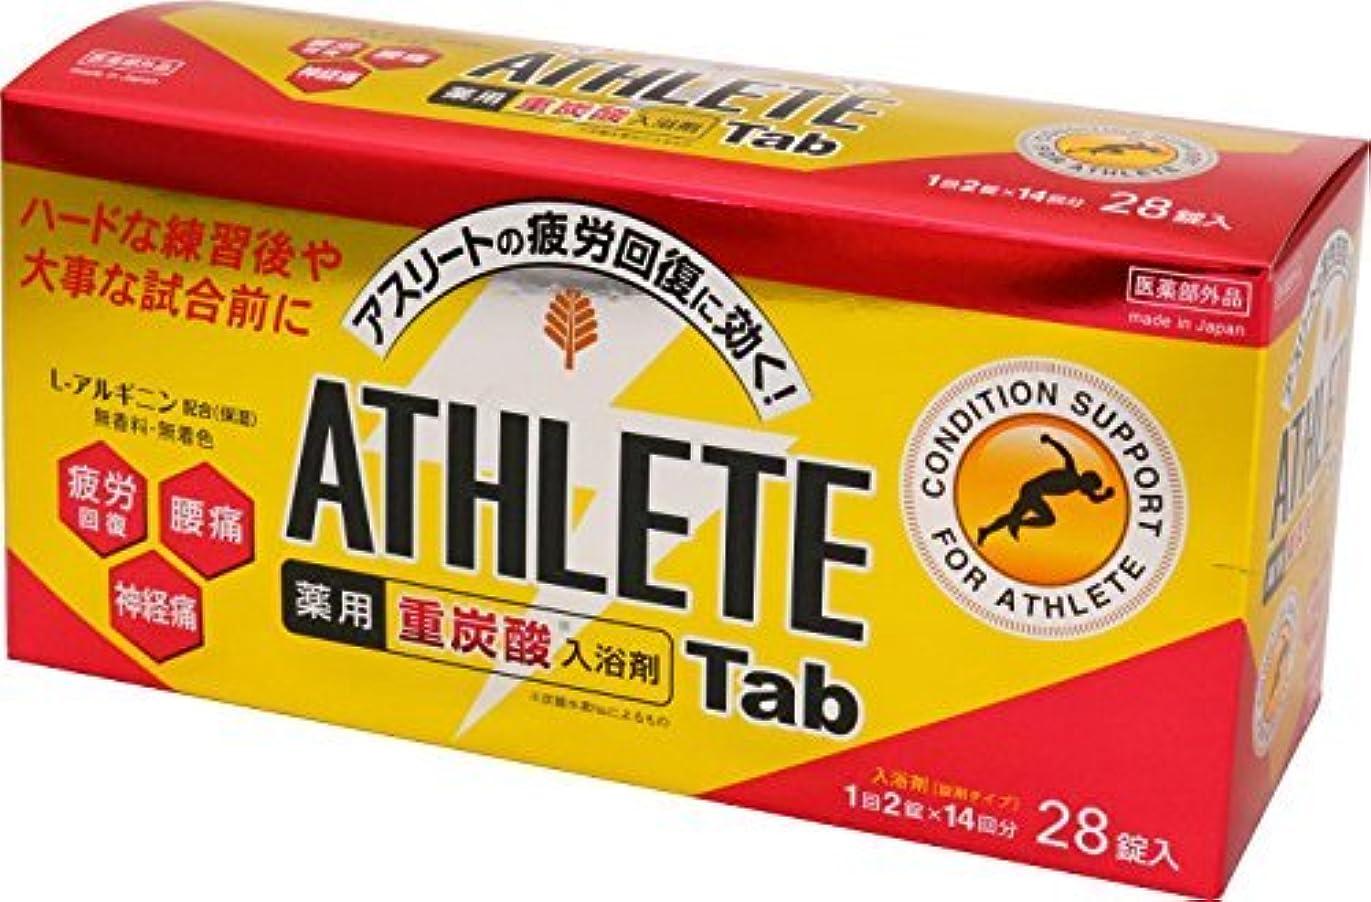 冷凍庫ミシン目からかう日本製 made in japan 薬用 ATHLETE Tab1錠x28パック BT-8573 【まとめ買い3個セット】